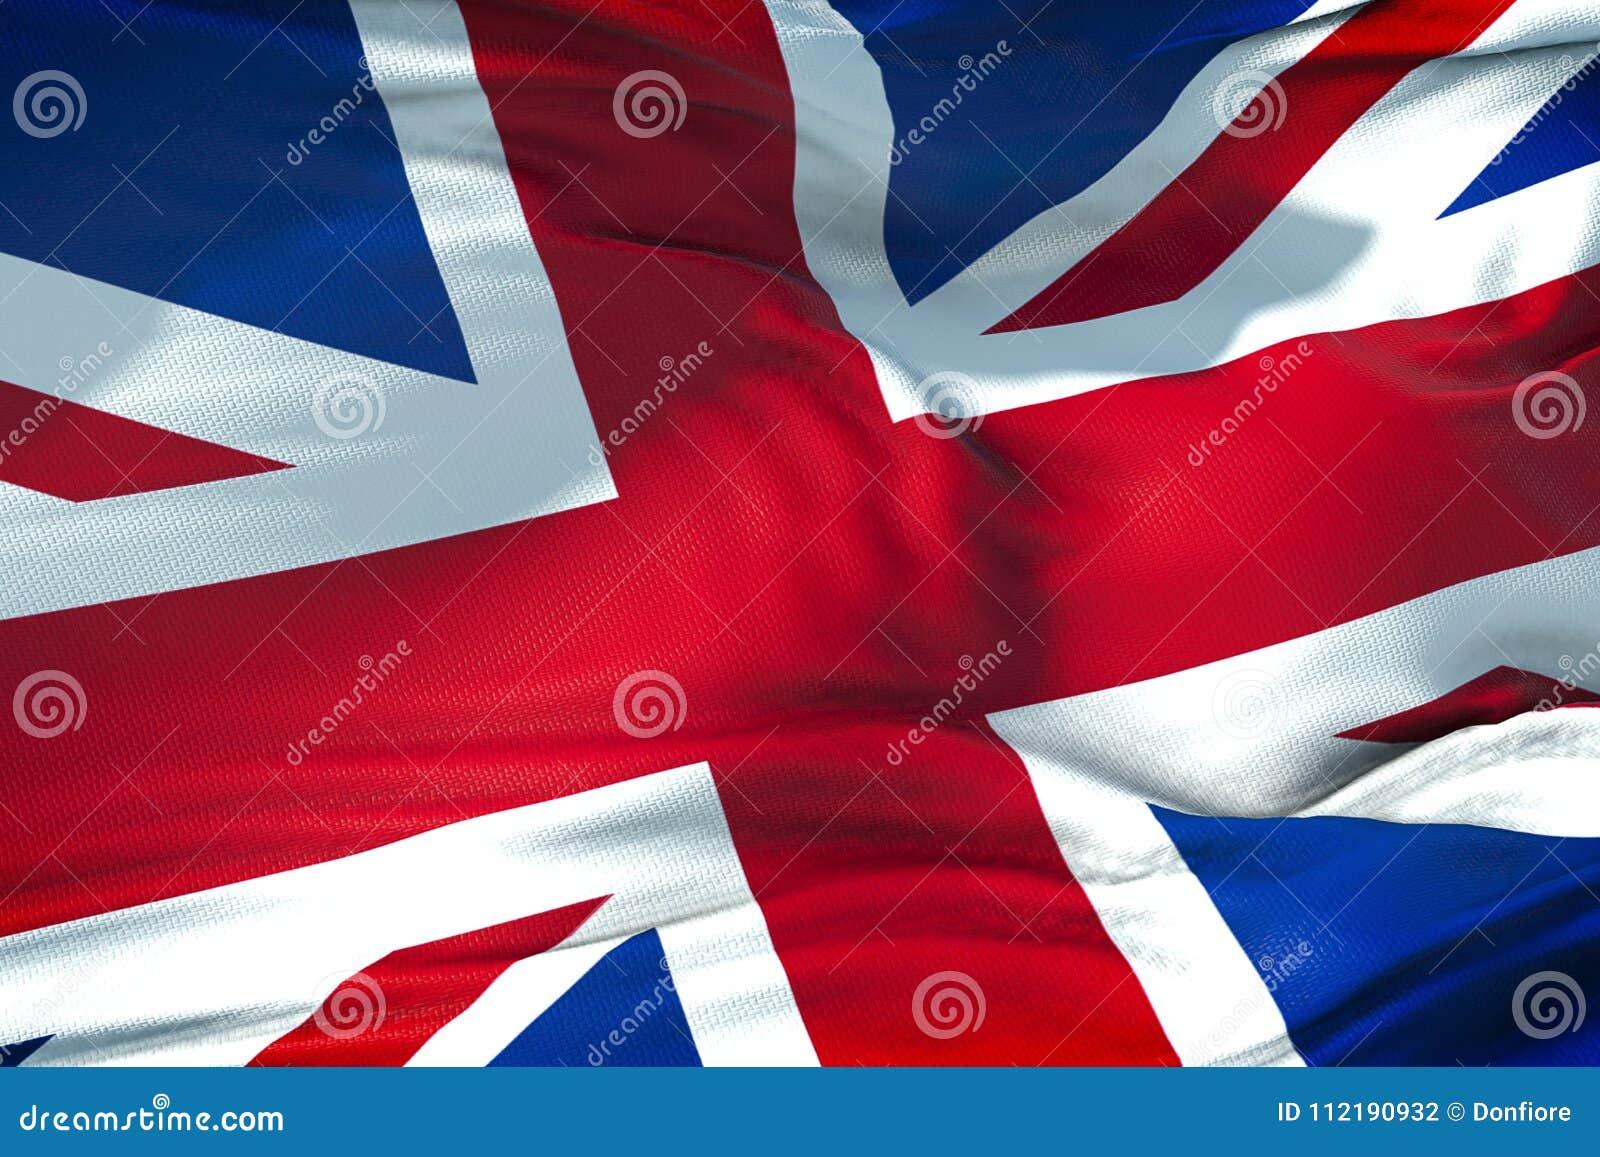 Closeup of flag of Union Jack, uk england, united kingdom flag